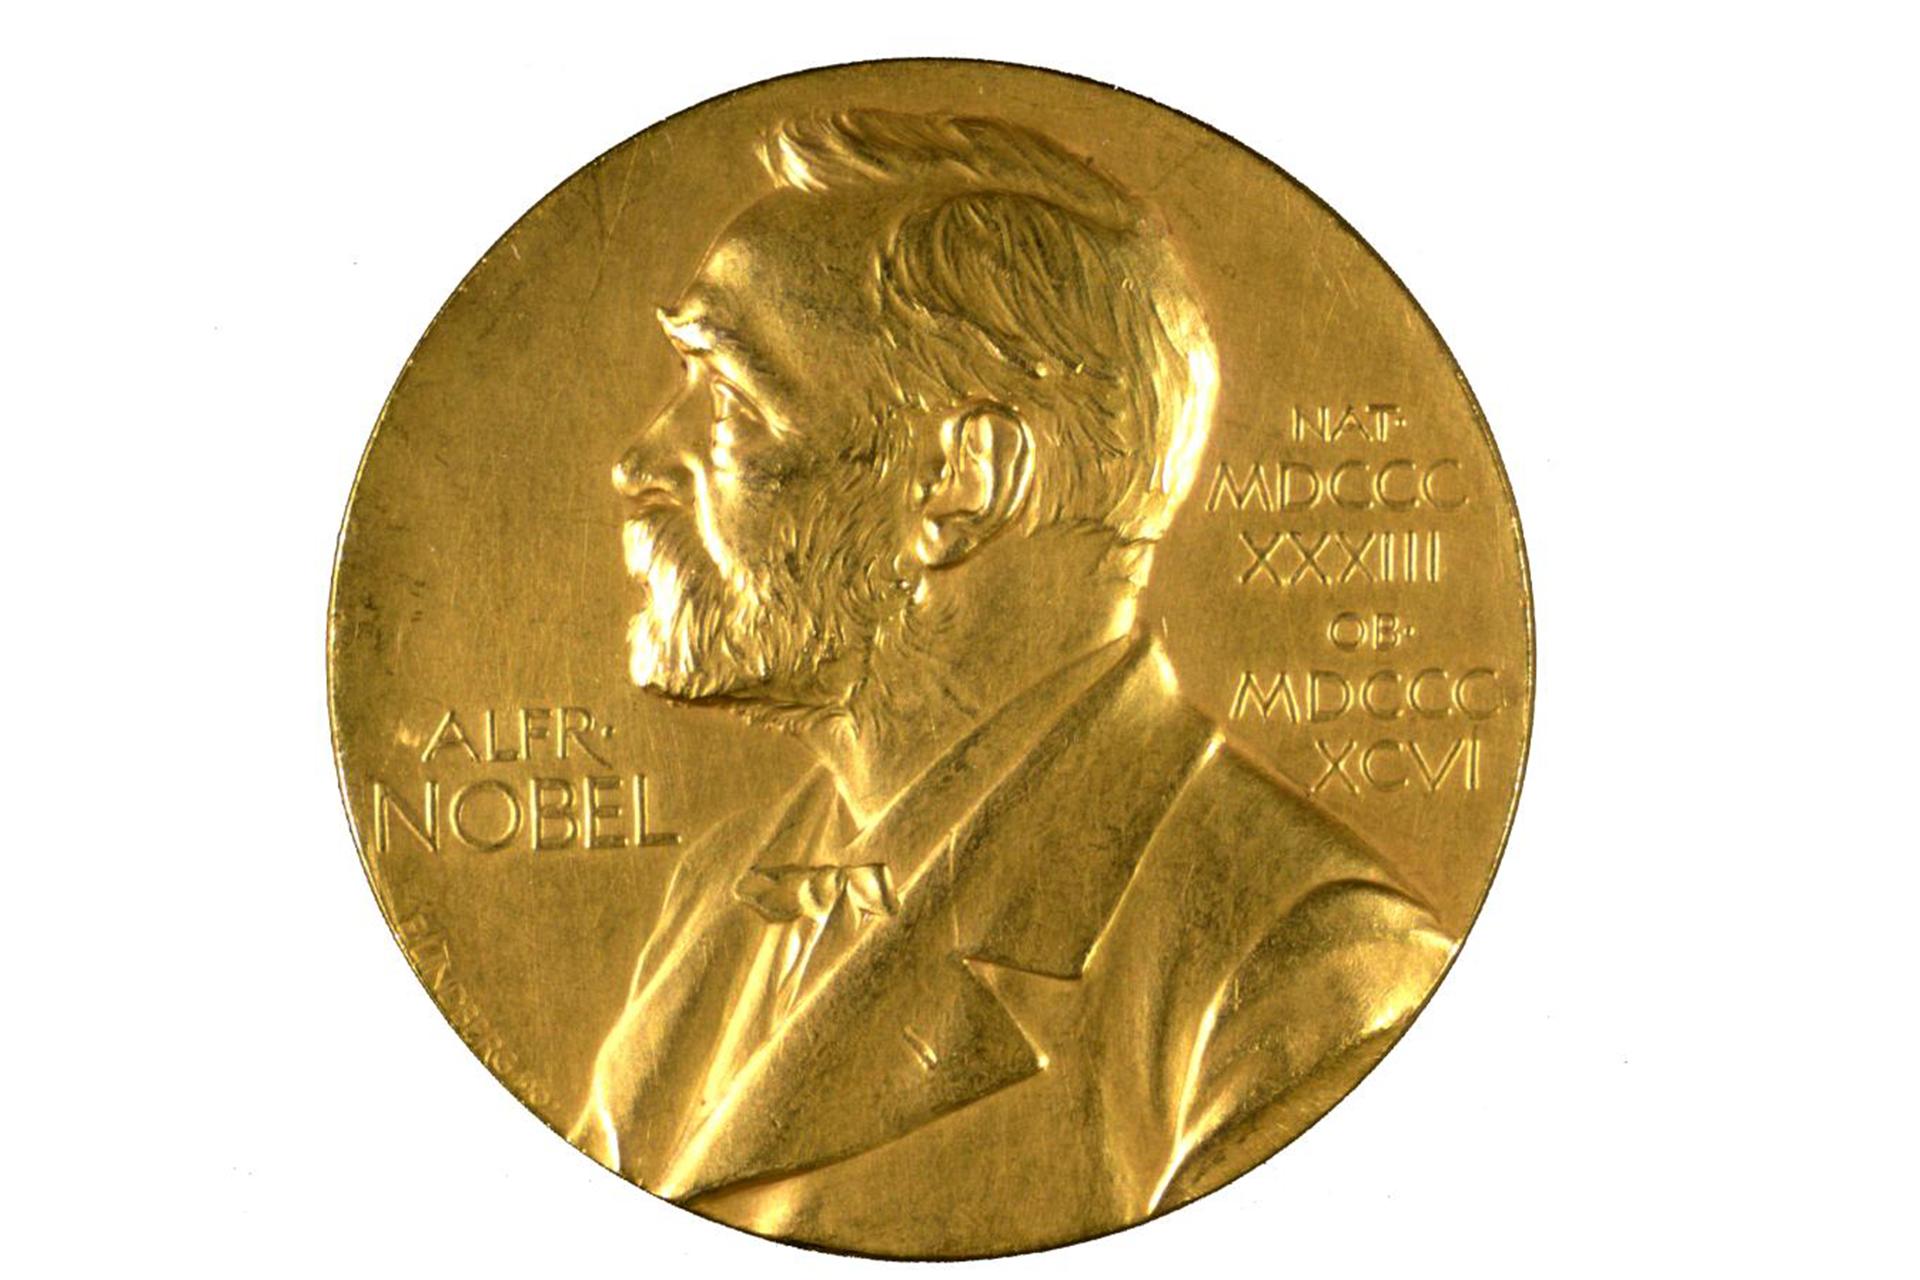 RT @WiredUK: Nobel Prize for medicine awarded for parasitic disease breakthrough http://t.co/bVSqYCJ44q http://t.co/LXwzlCMKgQ